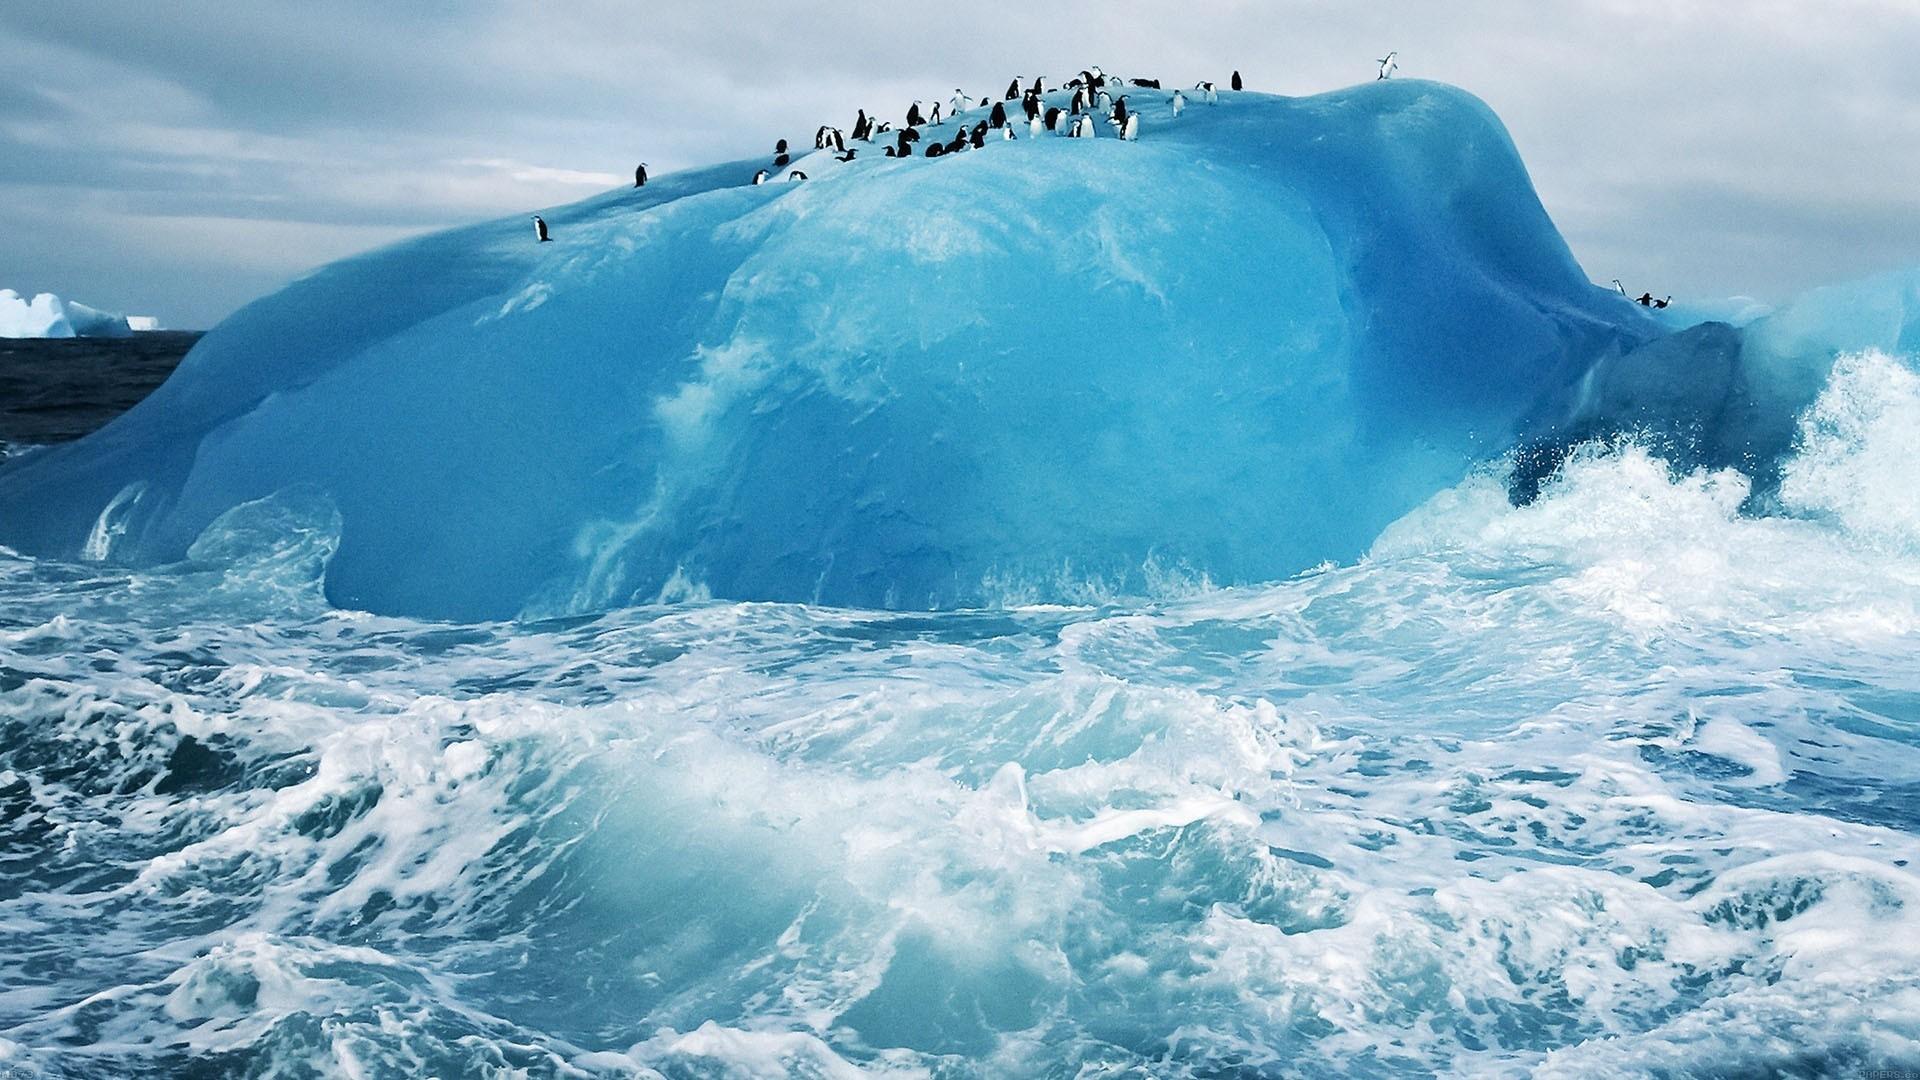 Iceberg Desktop Wallpaper